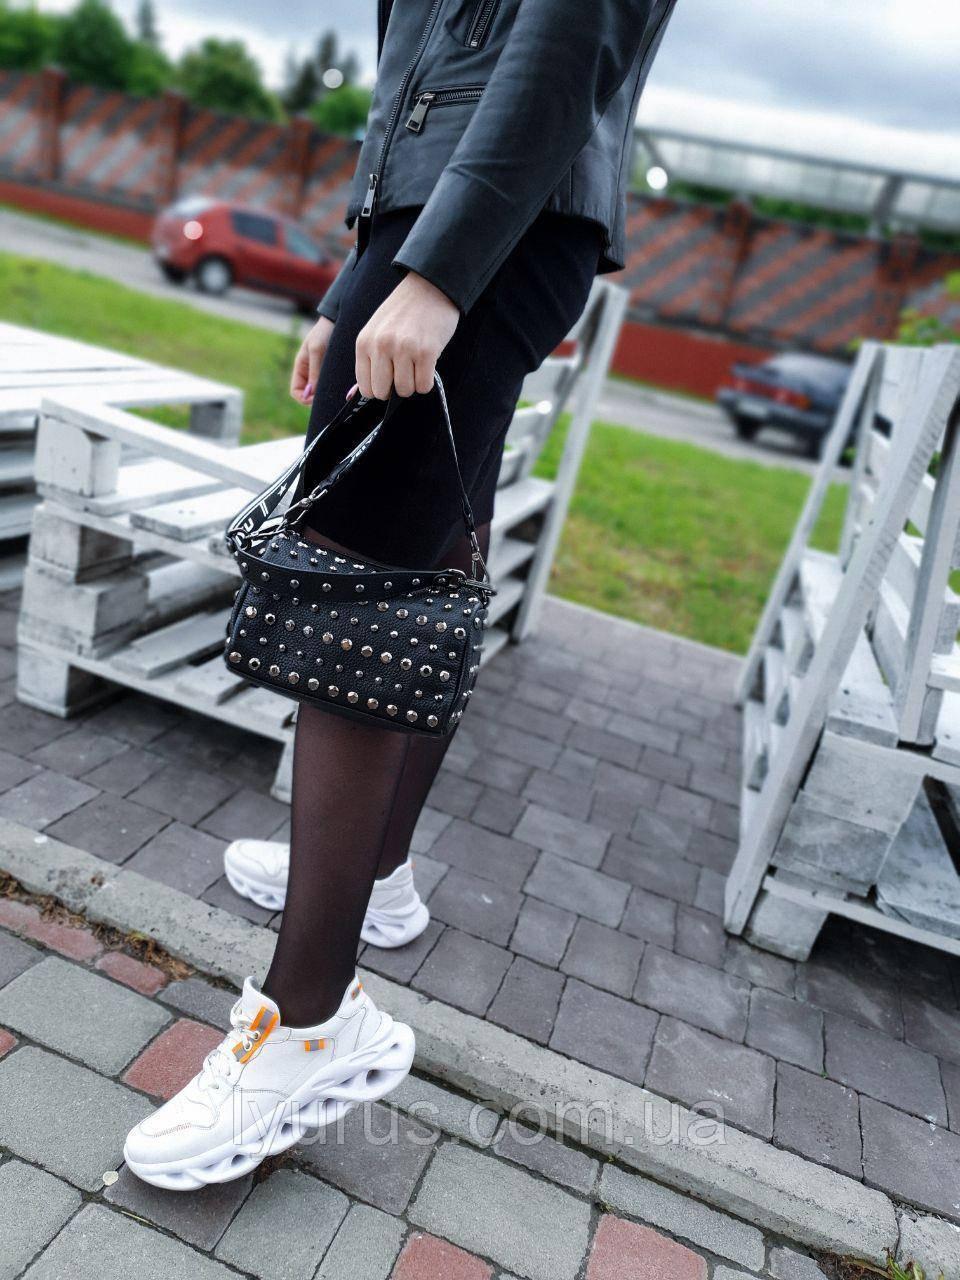 Кожаная женская сумка размером 15×21 см Черная (01096)